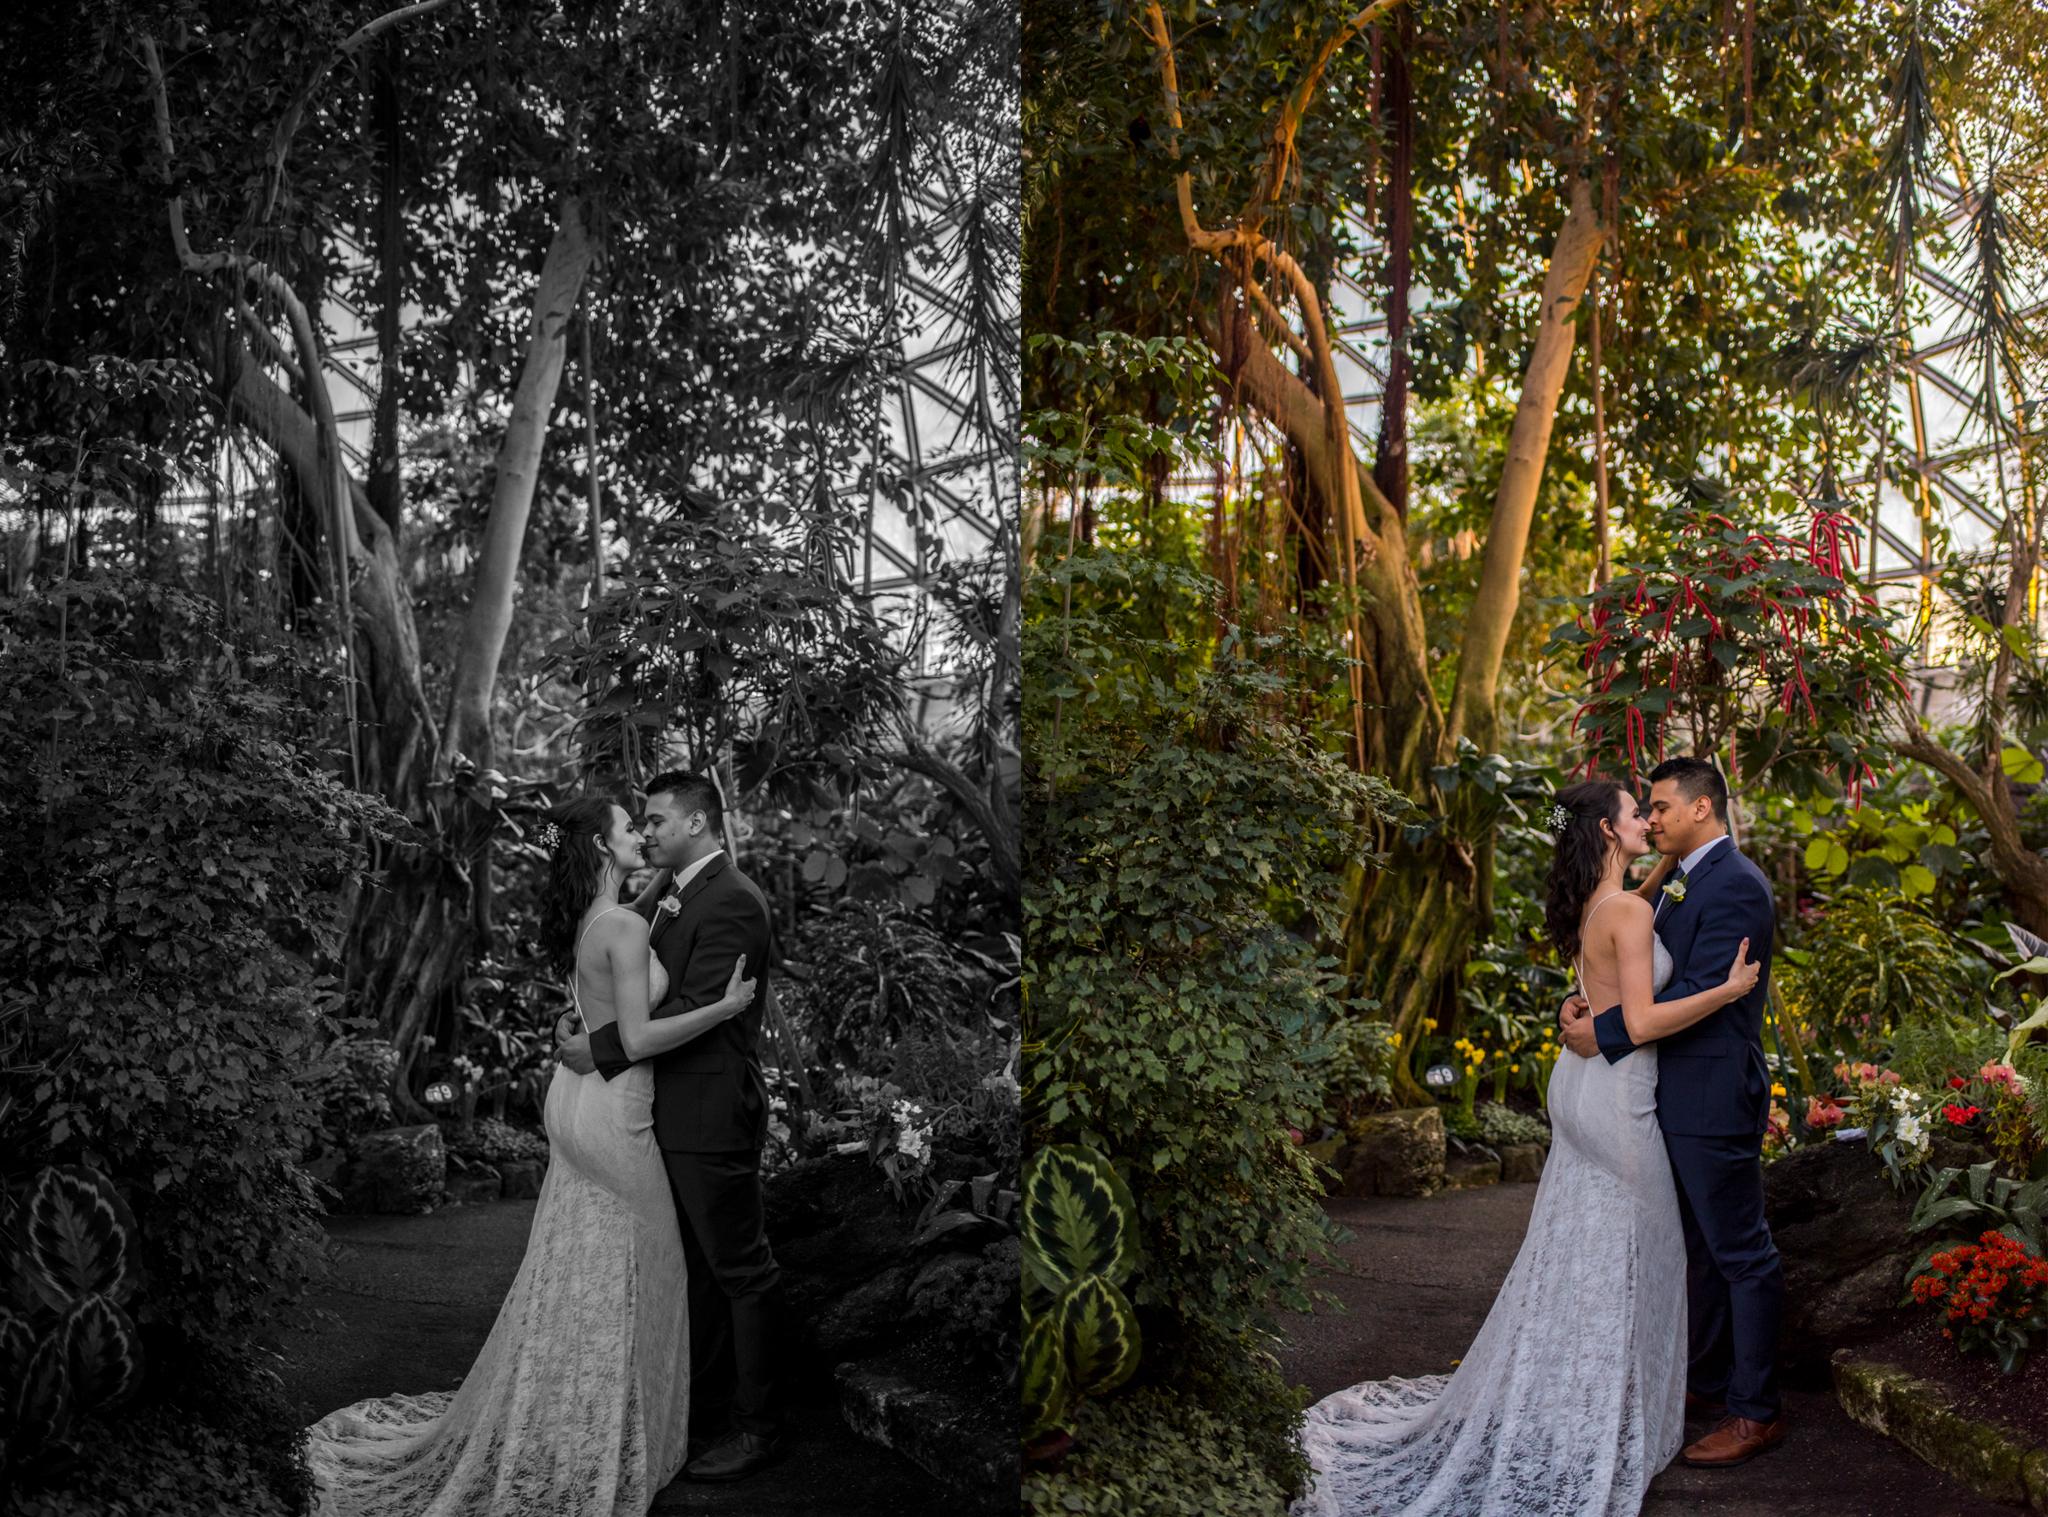 Queen Elizabeth Park Wedding Photographer-107.jpg